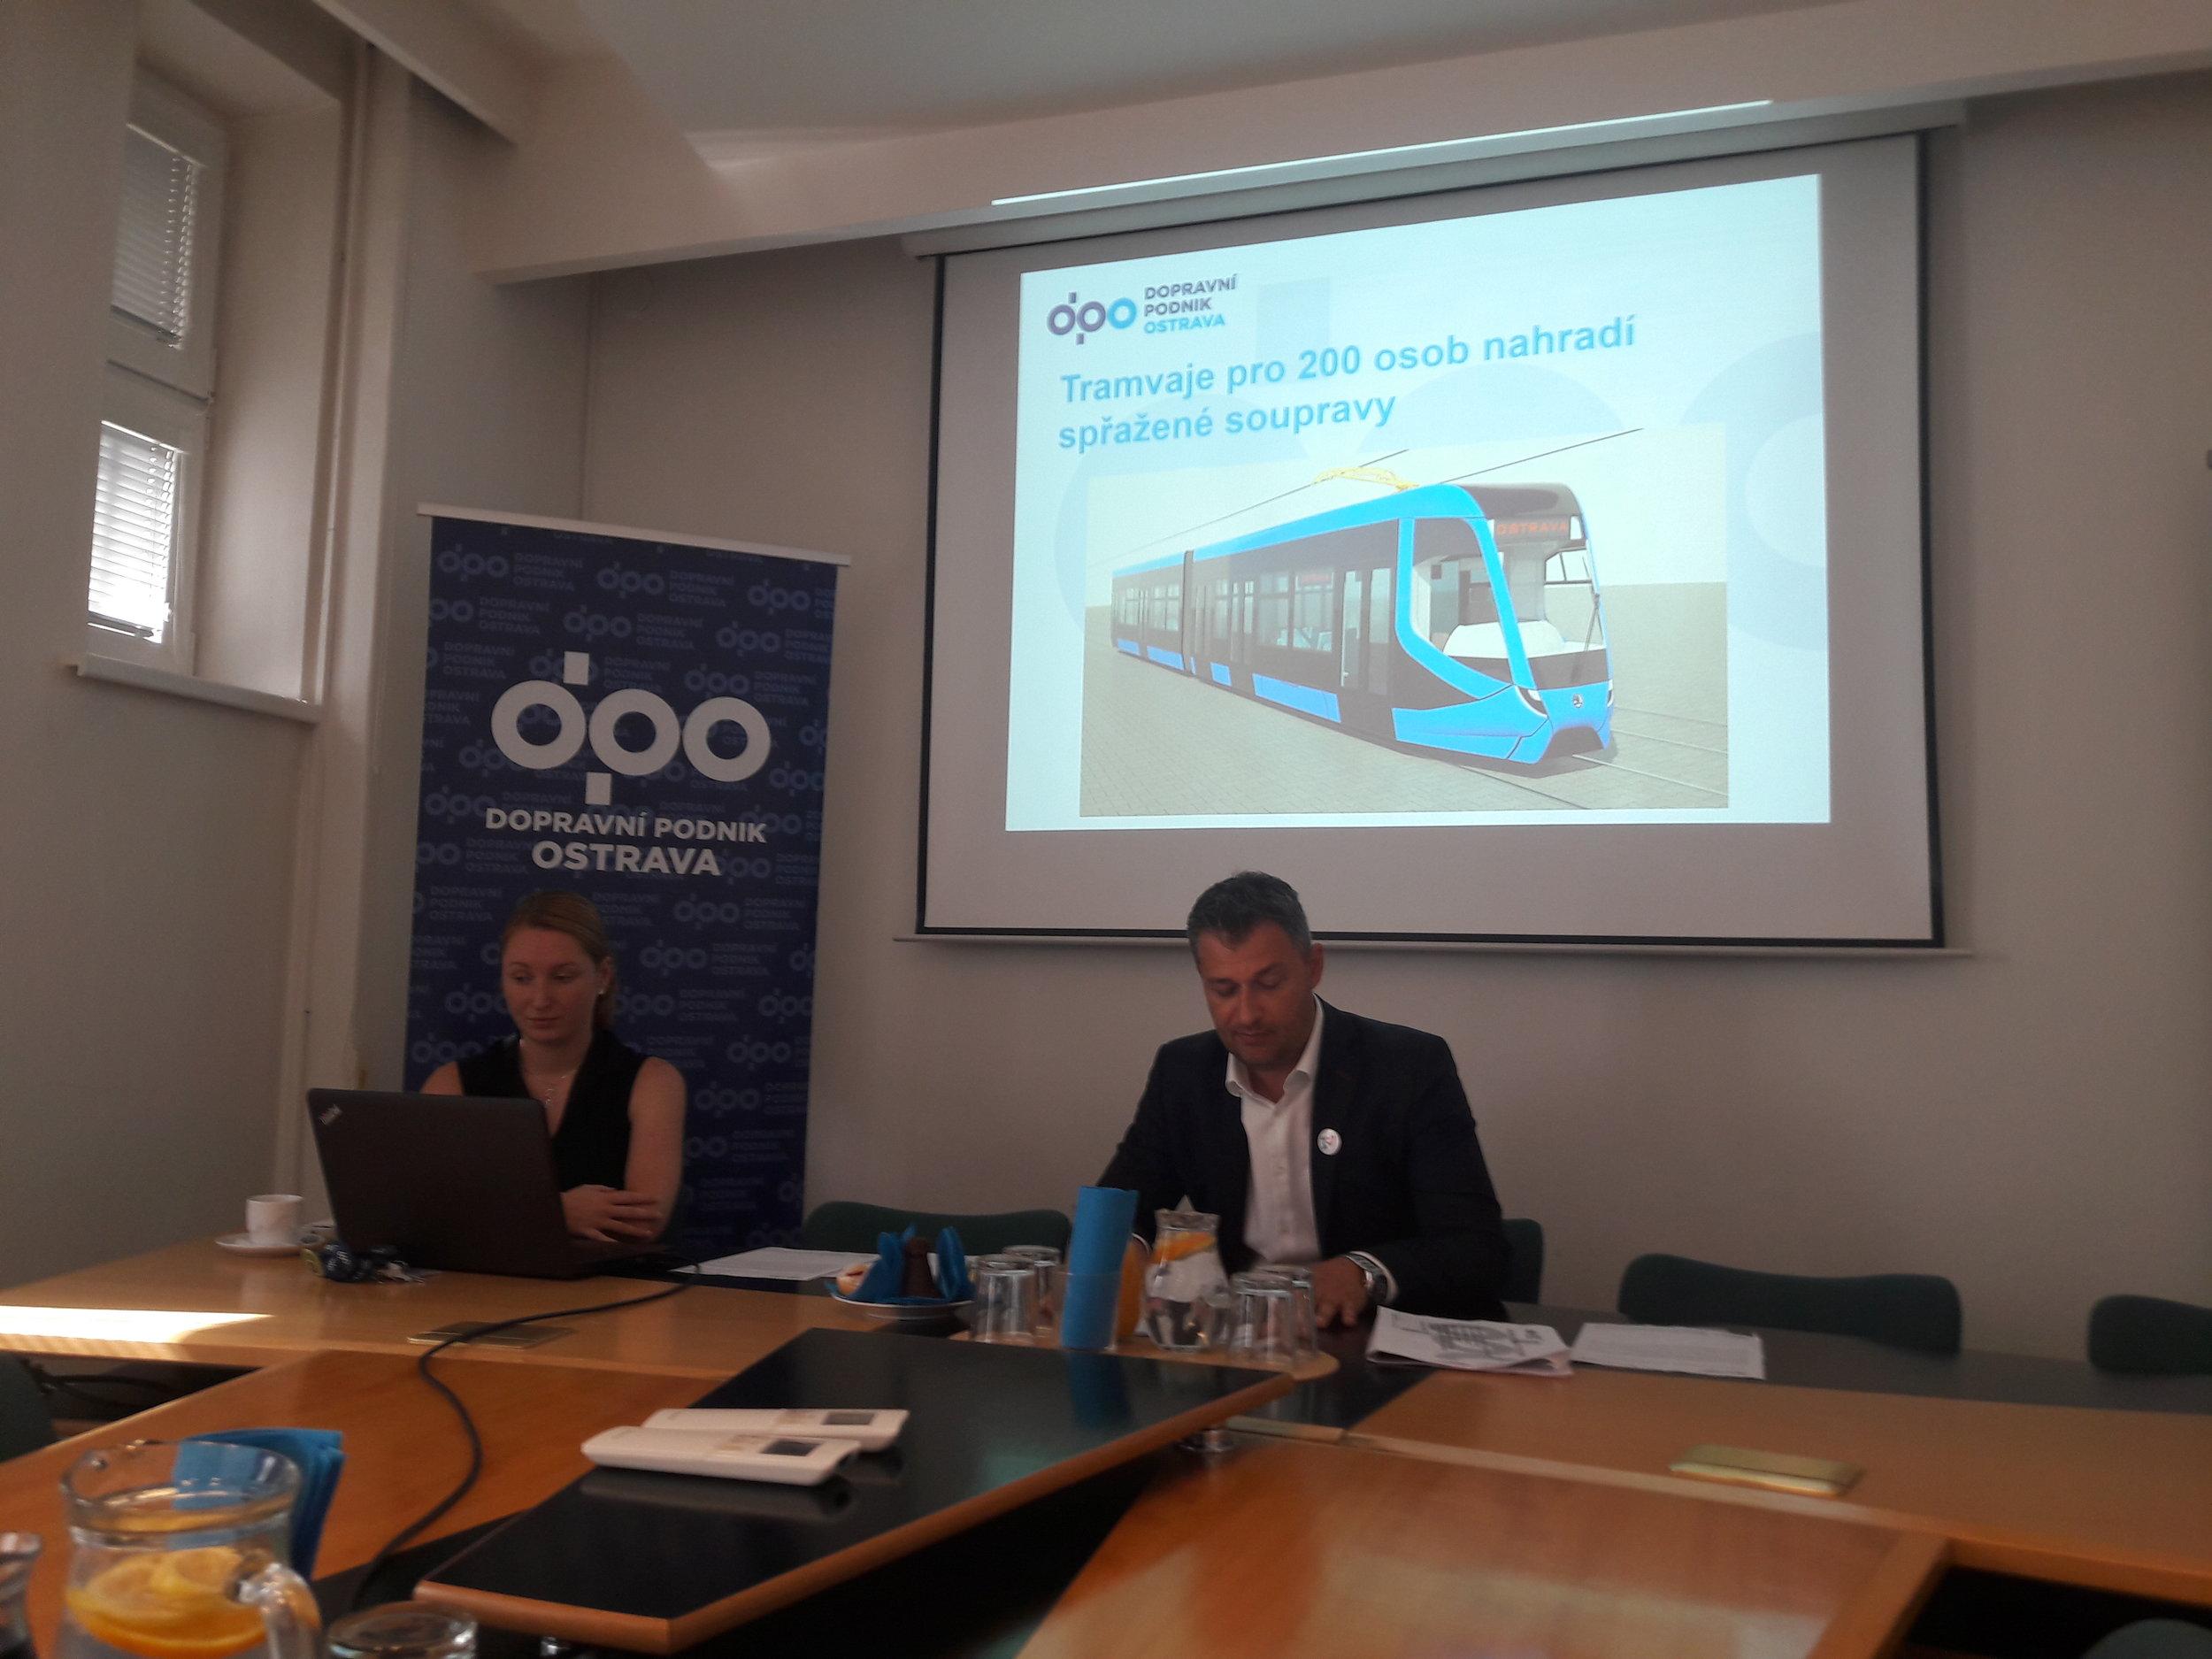 Nová tramvaj bude stát asi 48 milionů Kč. Bude přitom jen o necelé dva metry delší než tramvaj od Stadleru, která je klasifikovaná jako středně kapacitní. Podoba vozidla na snímku není definitivní.